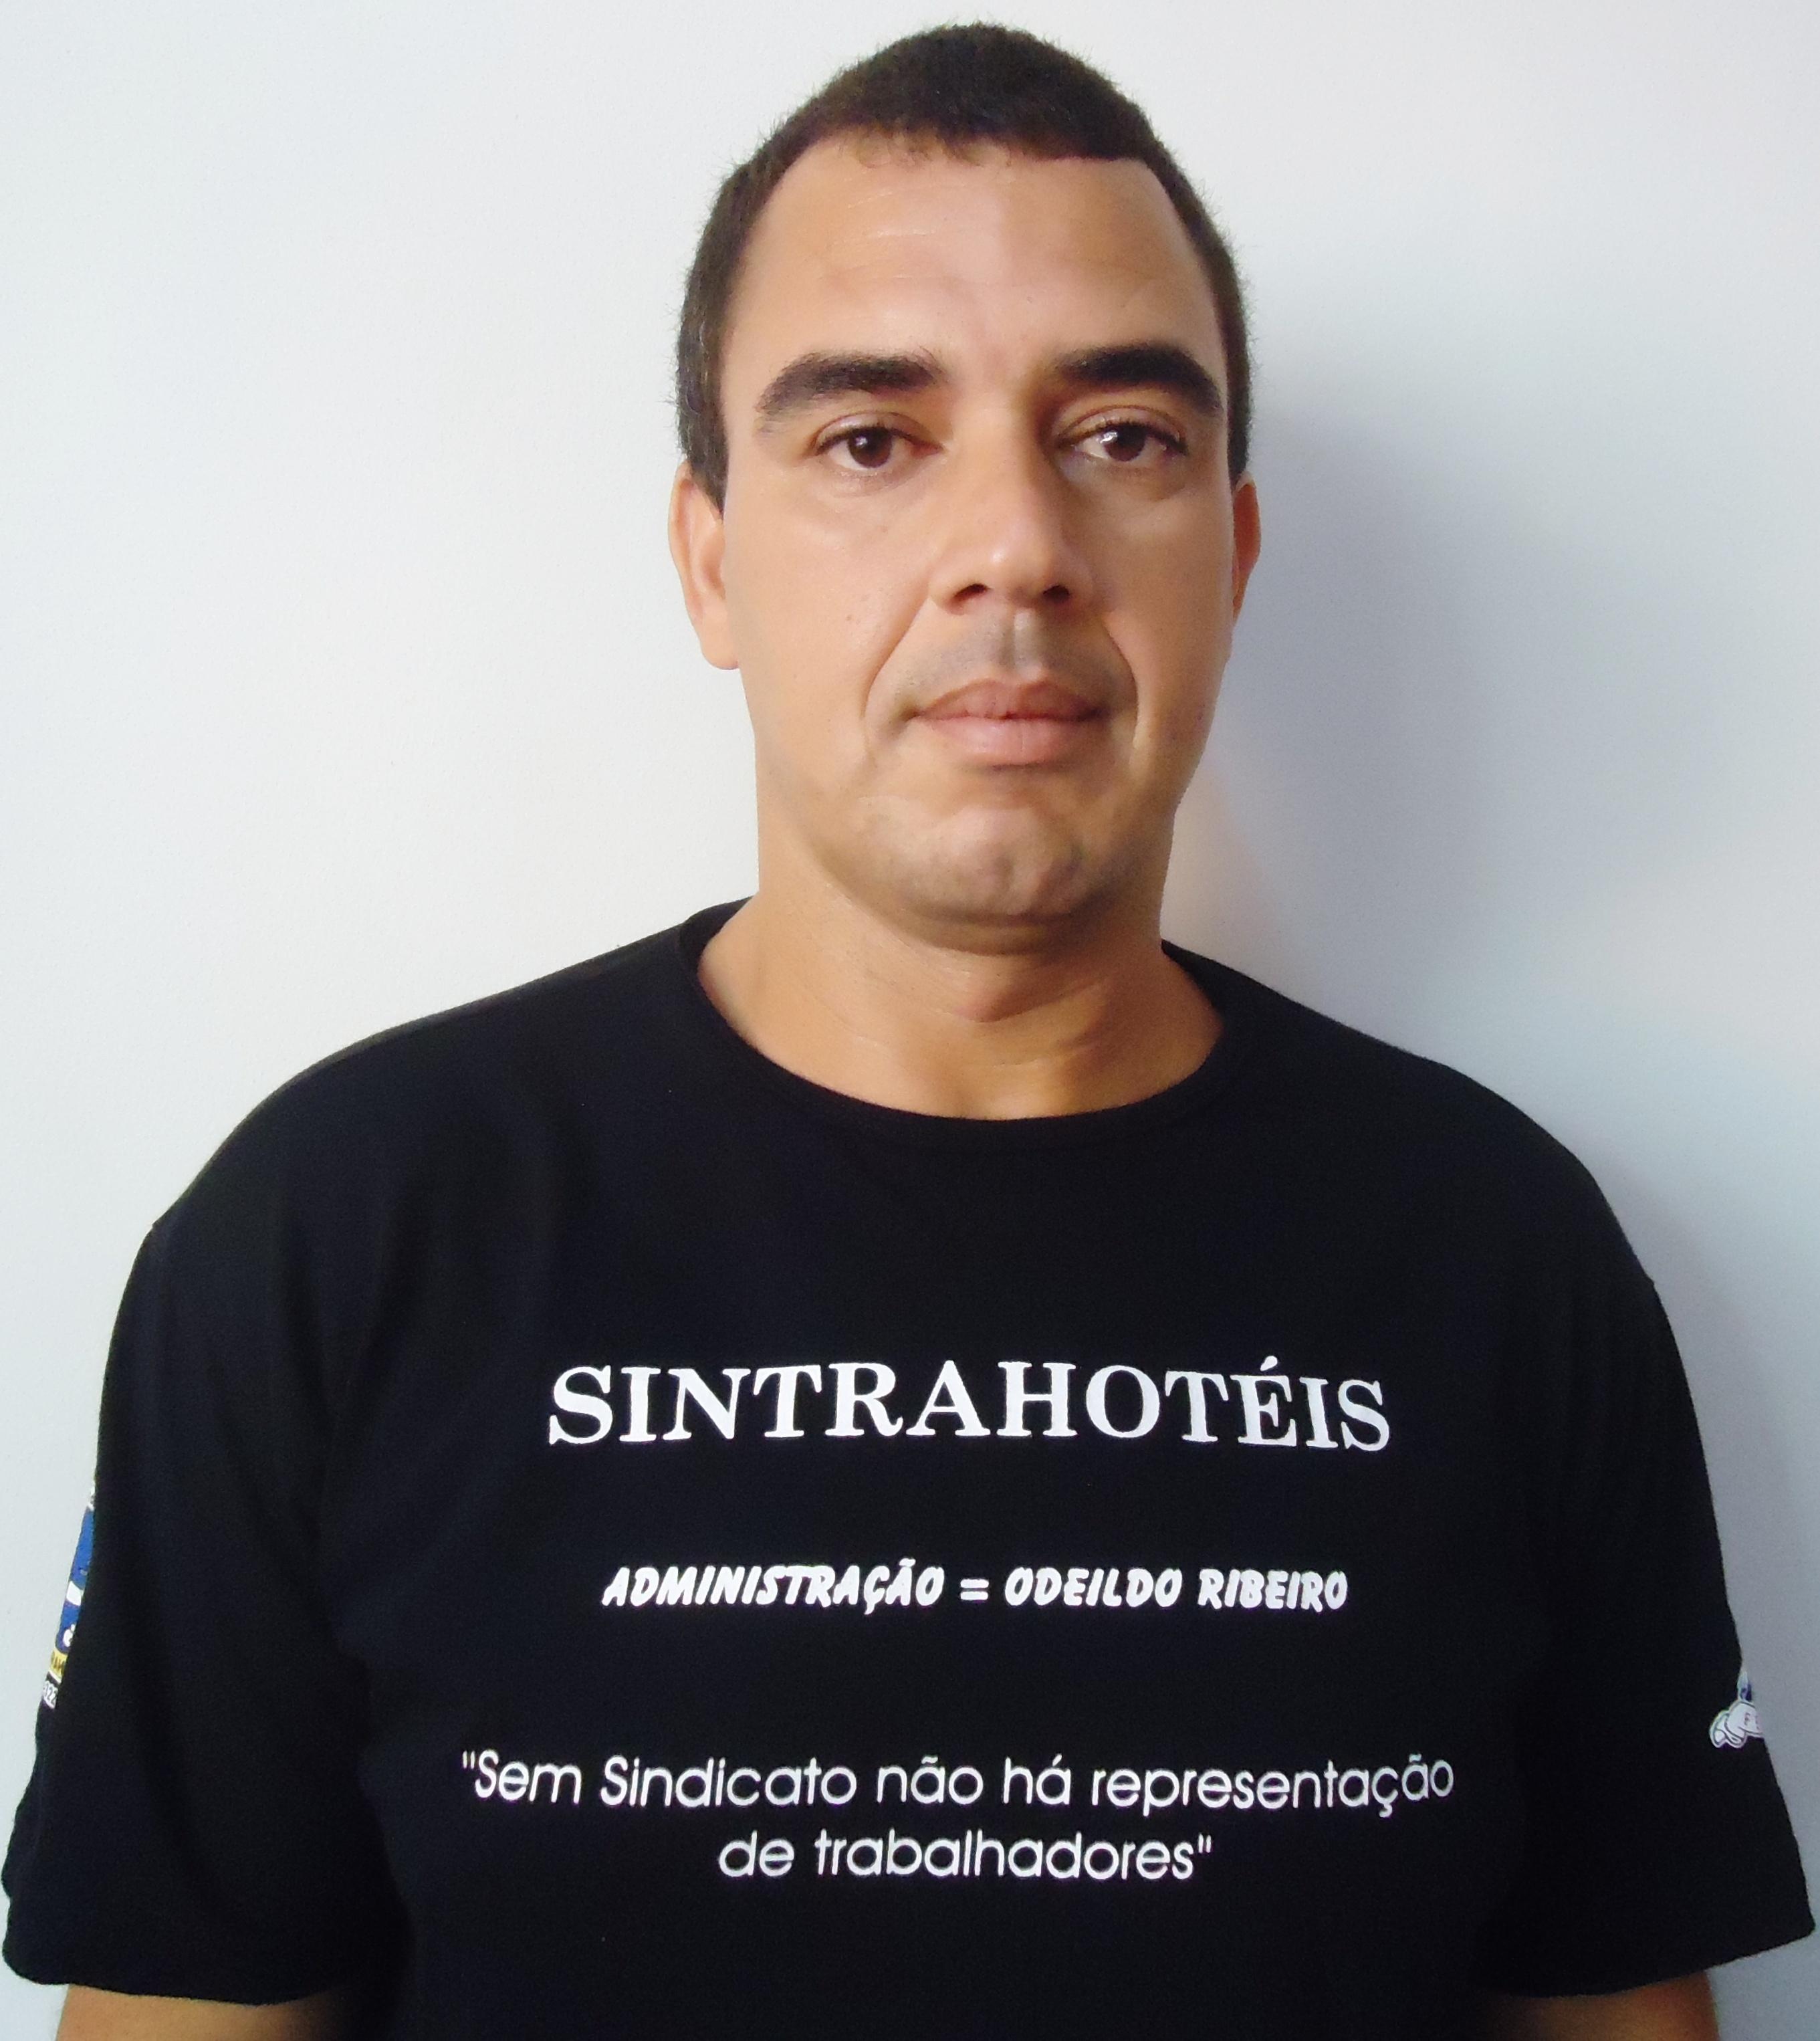 Antonio Marcos Silva